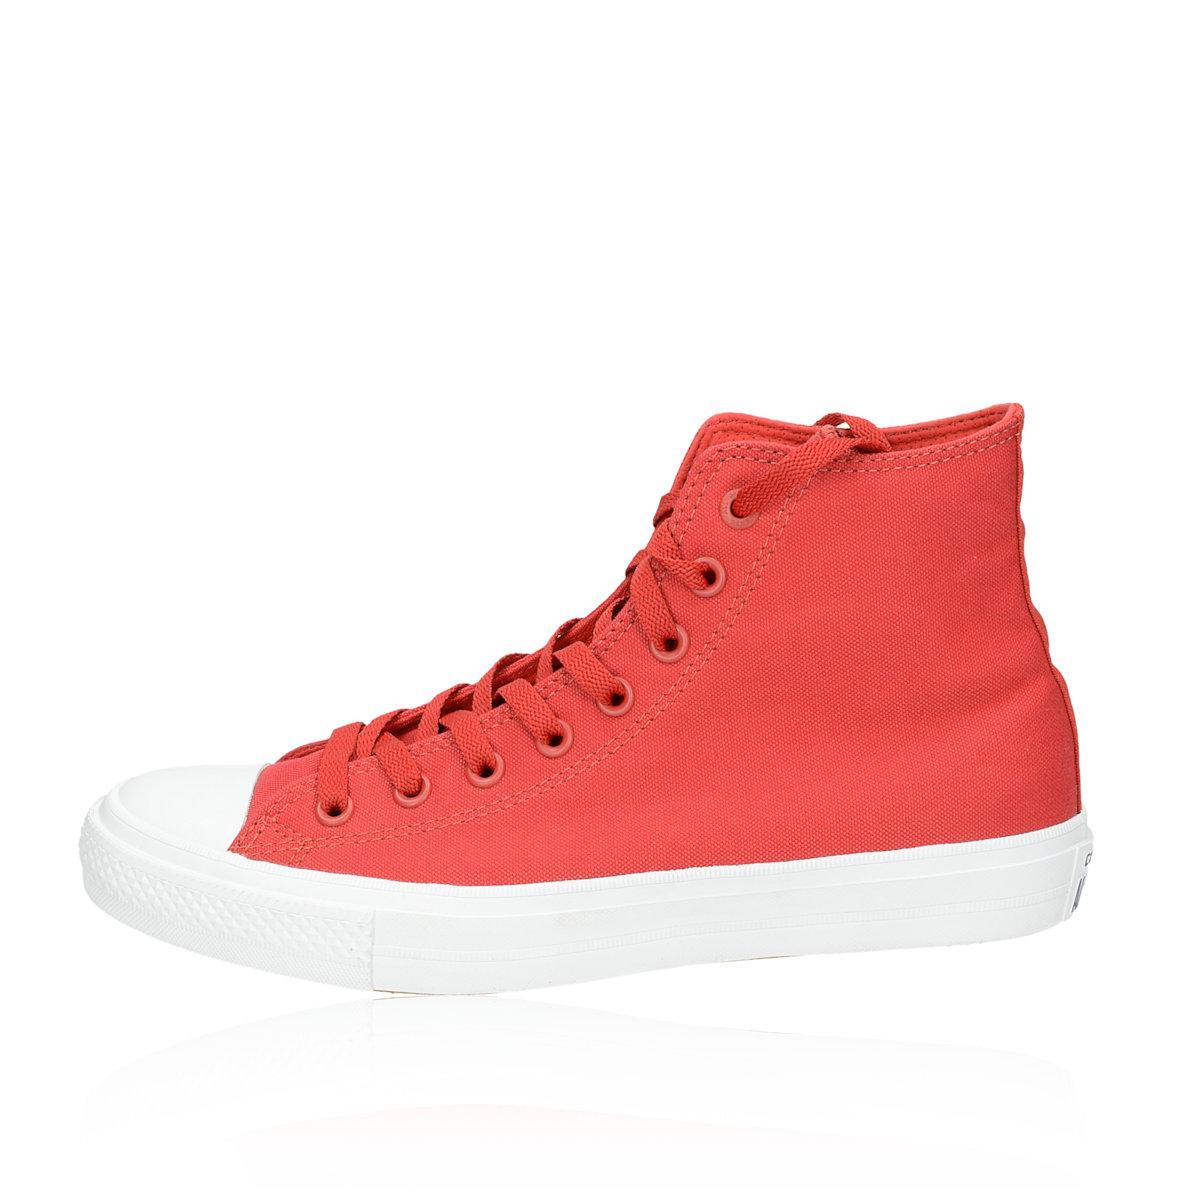 Converse pánské kotníkové tenisky - červené Converse pánské kotníkové  tenisky - červené ... 345db4def87